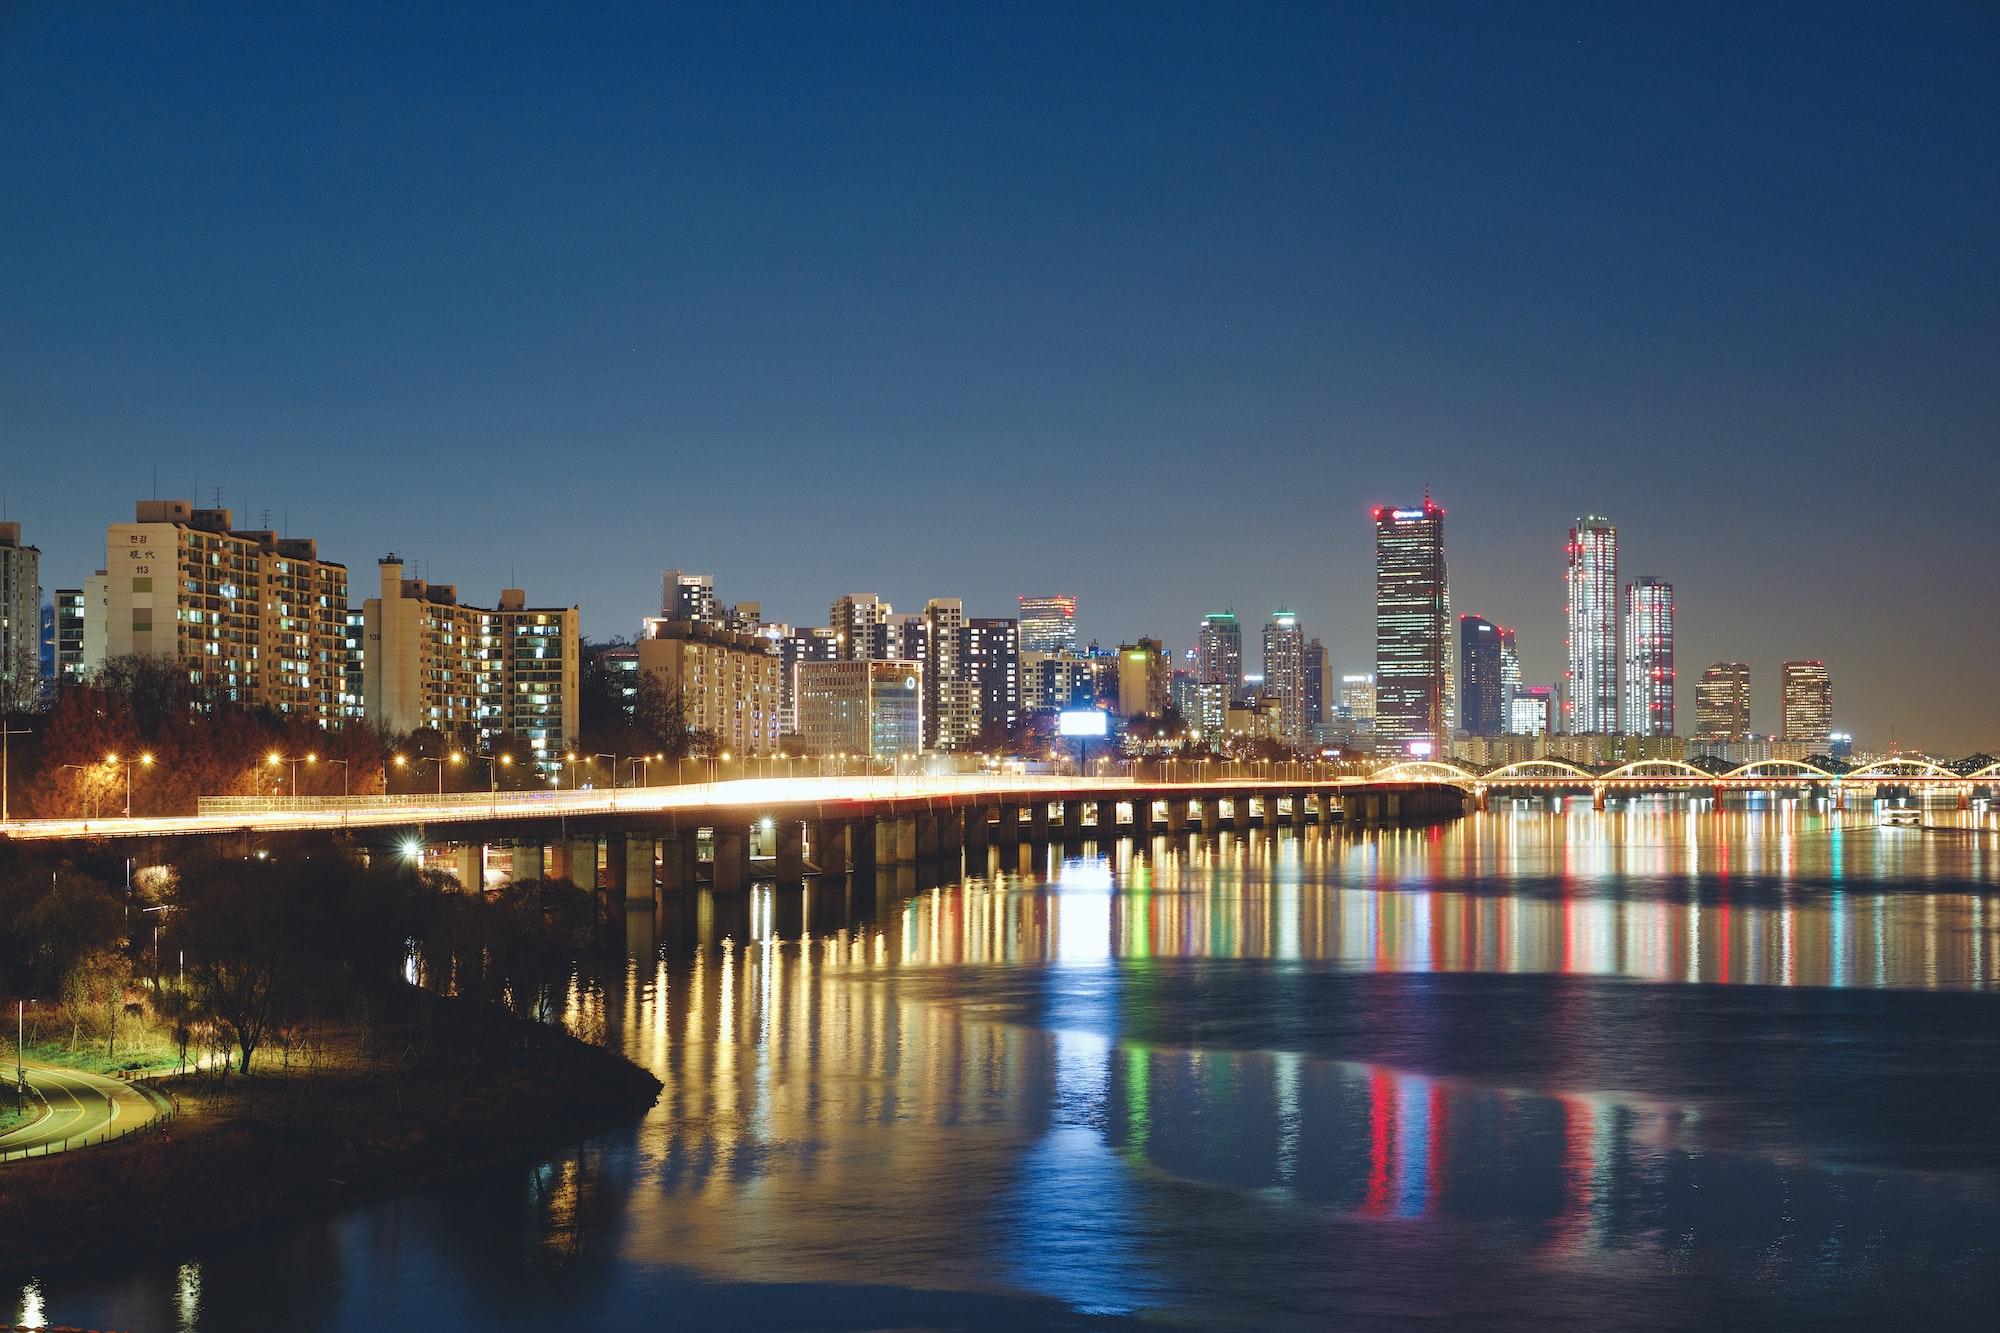 다리 위에서 바라본 야경 A night view from the bridge